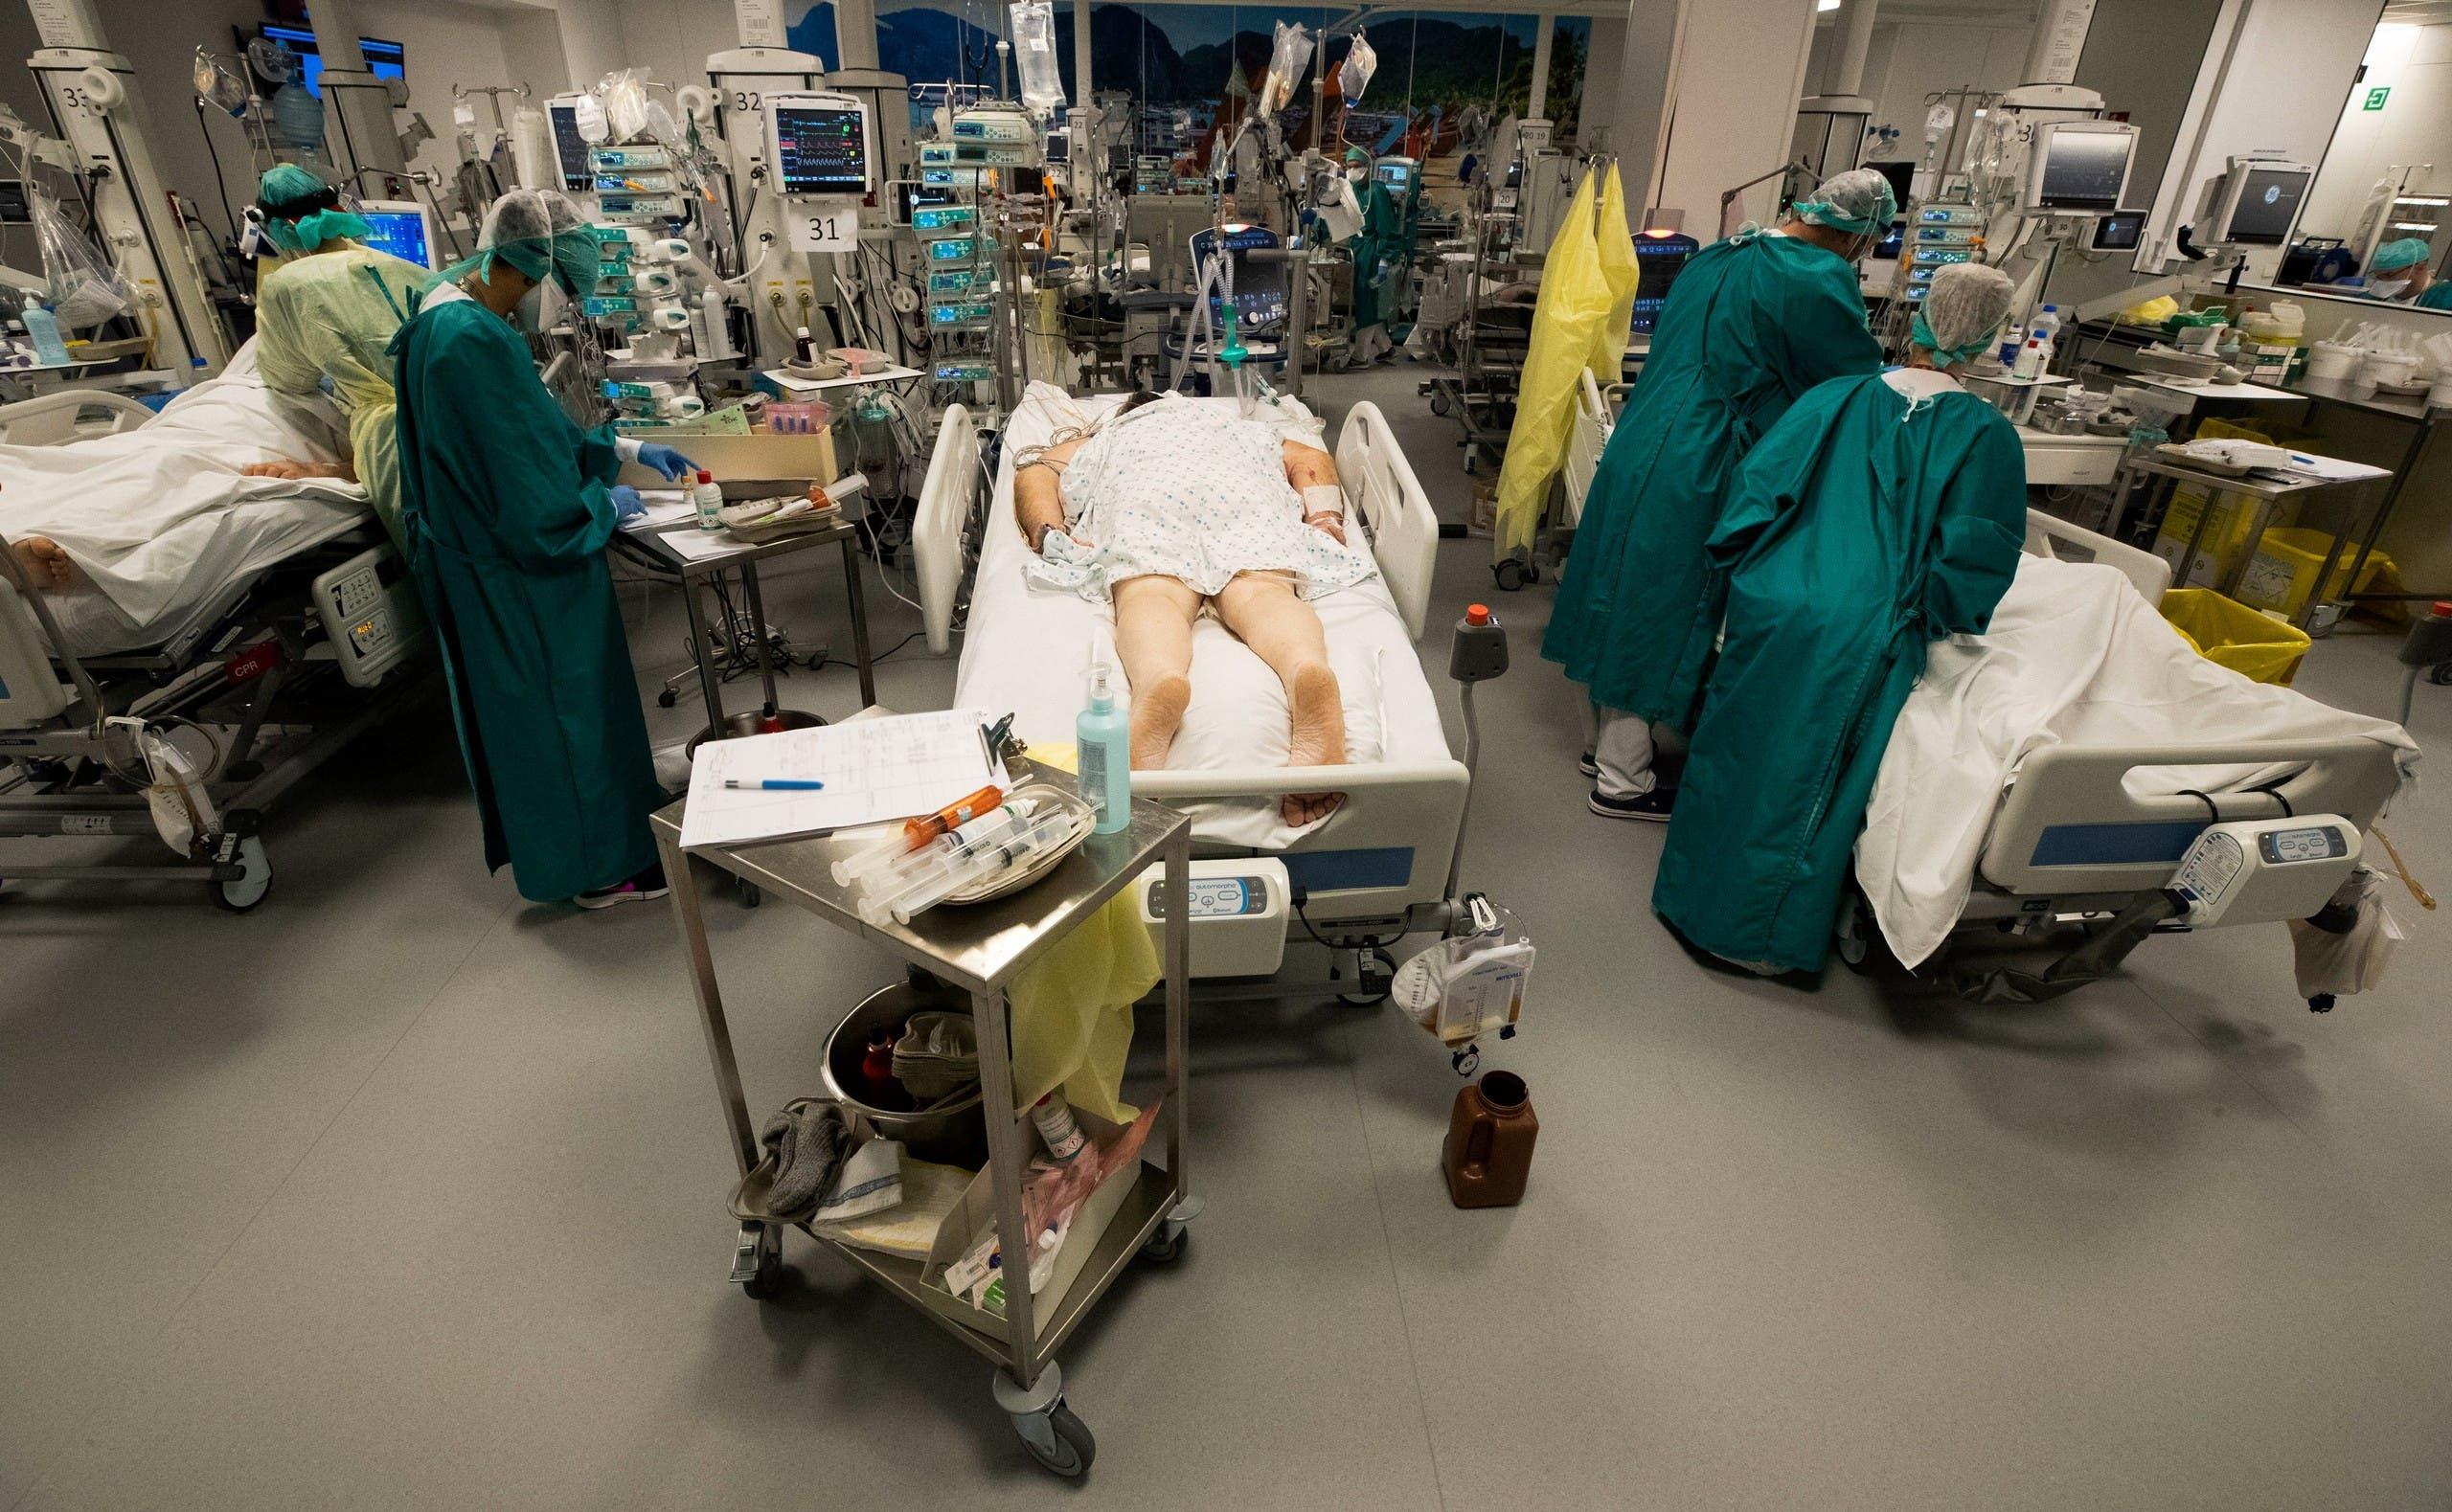 مصابون بكورونا في غرفة عنياة مركزة بأحد مستشفيات بلجيكا (أرشيفية)